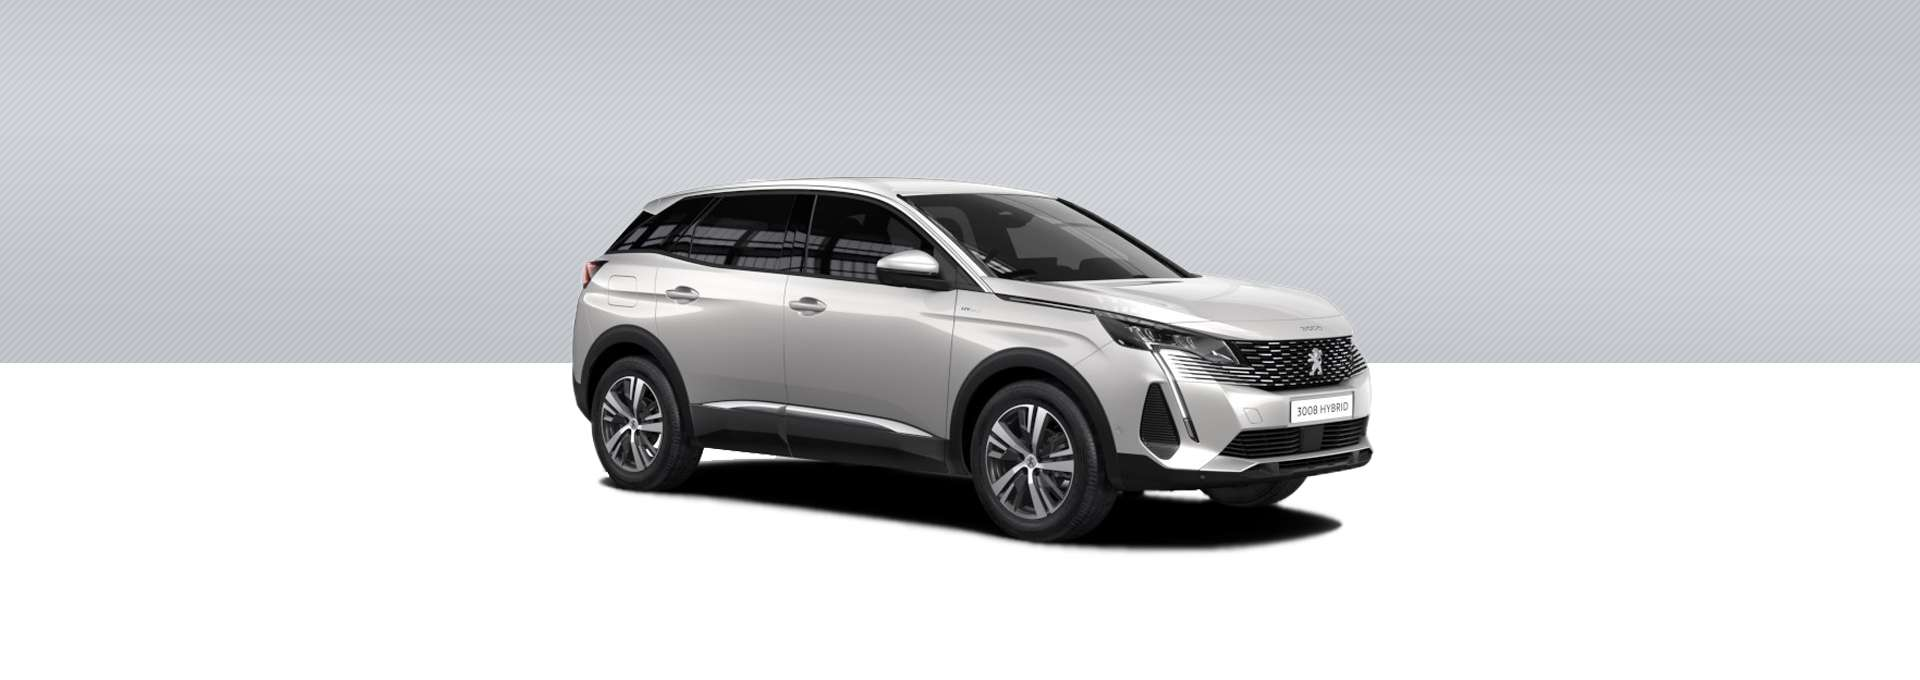 Peugeot Nuevo 3008 Hybrid